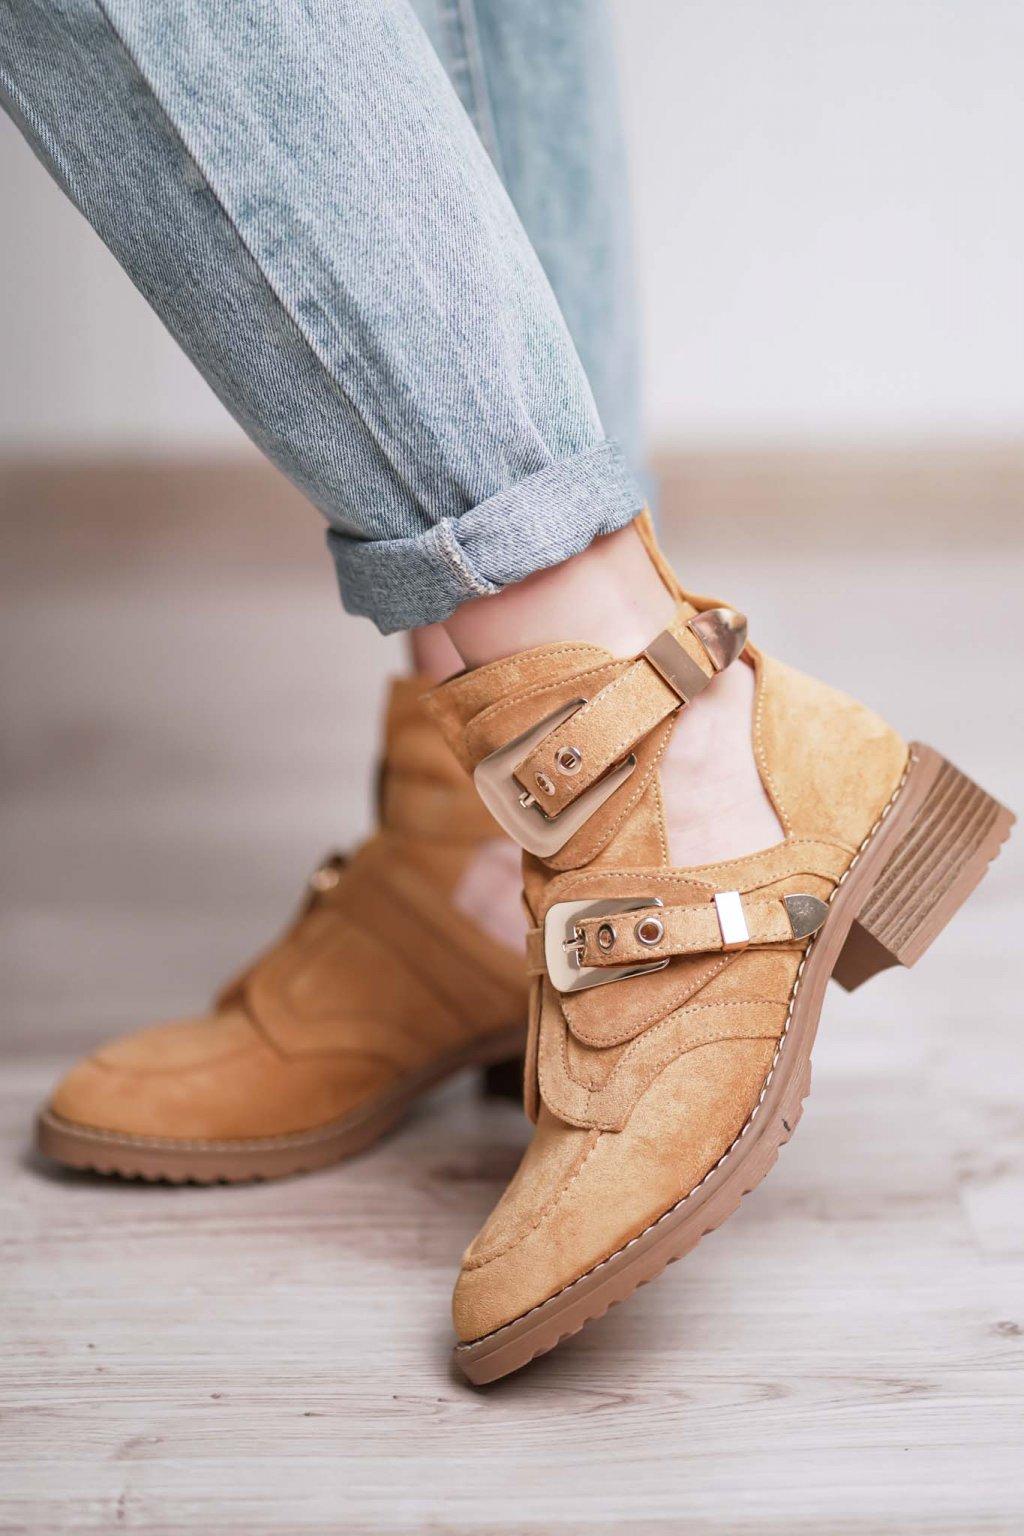 topánky, obuv, tenisky, botasky, lodičky, čižmy, šľapky, sandálky 318